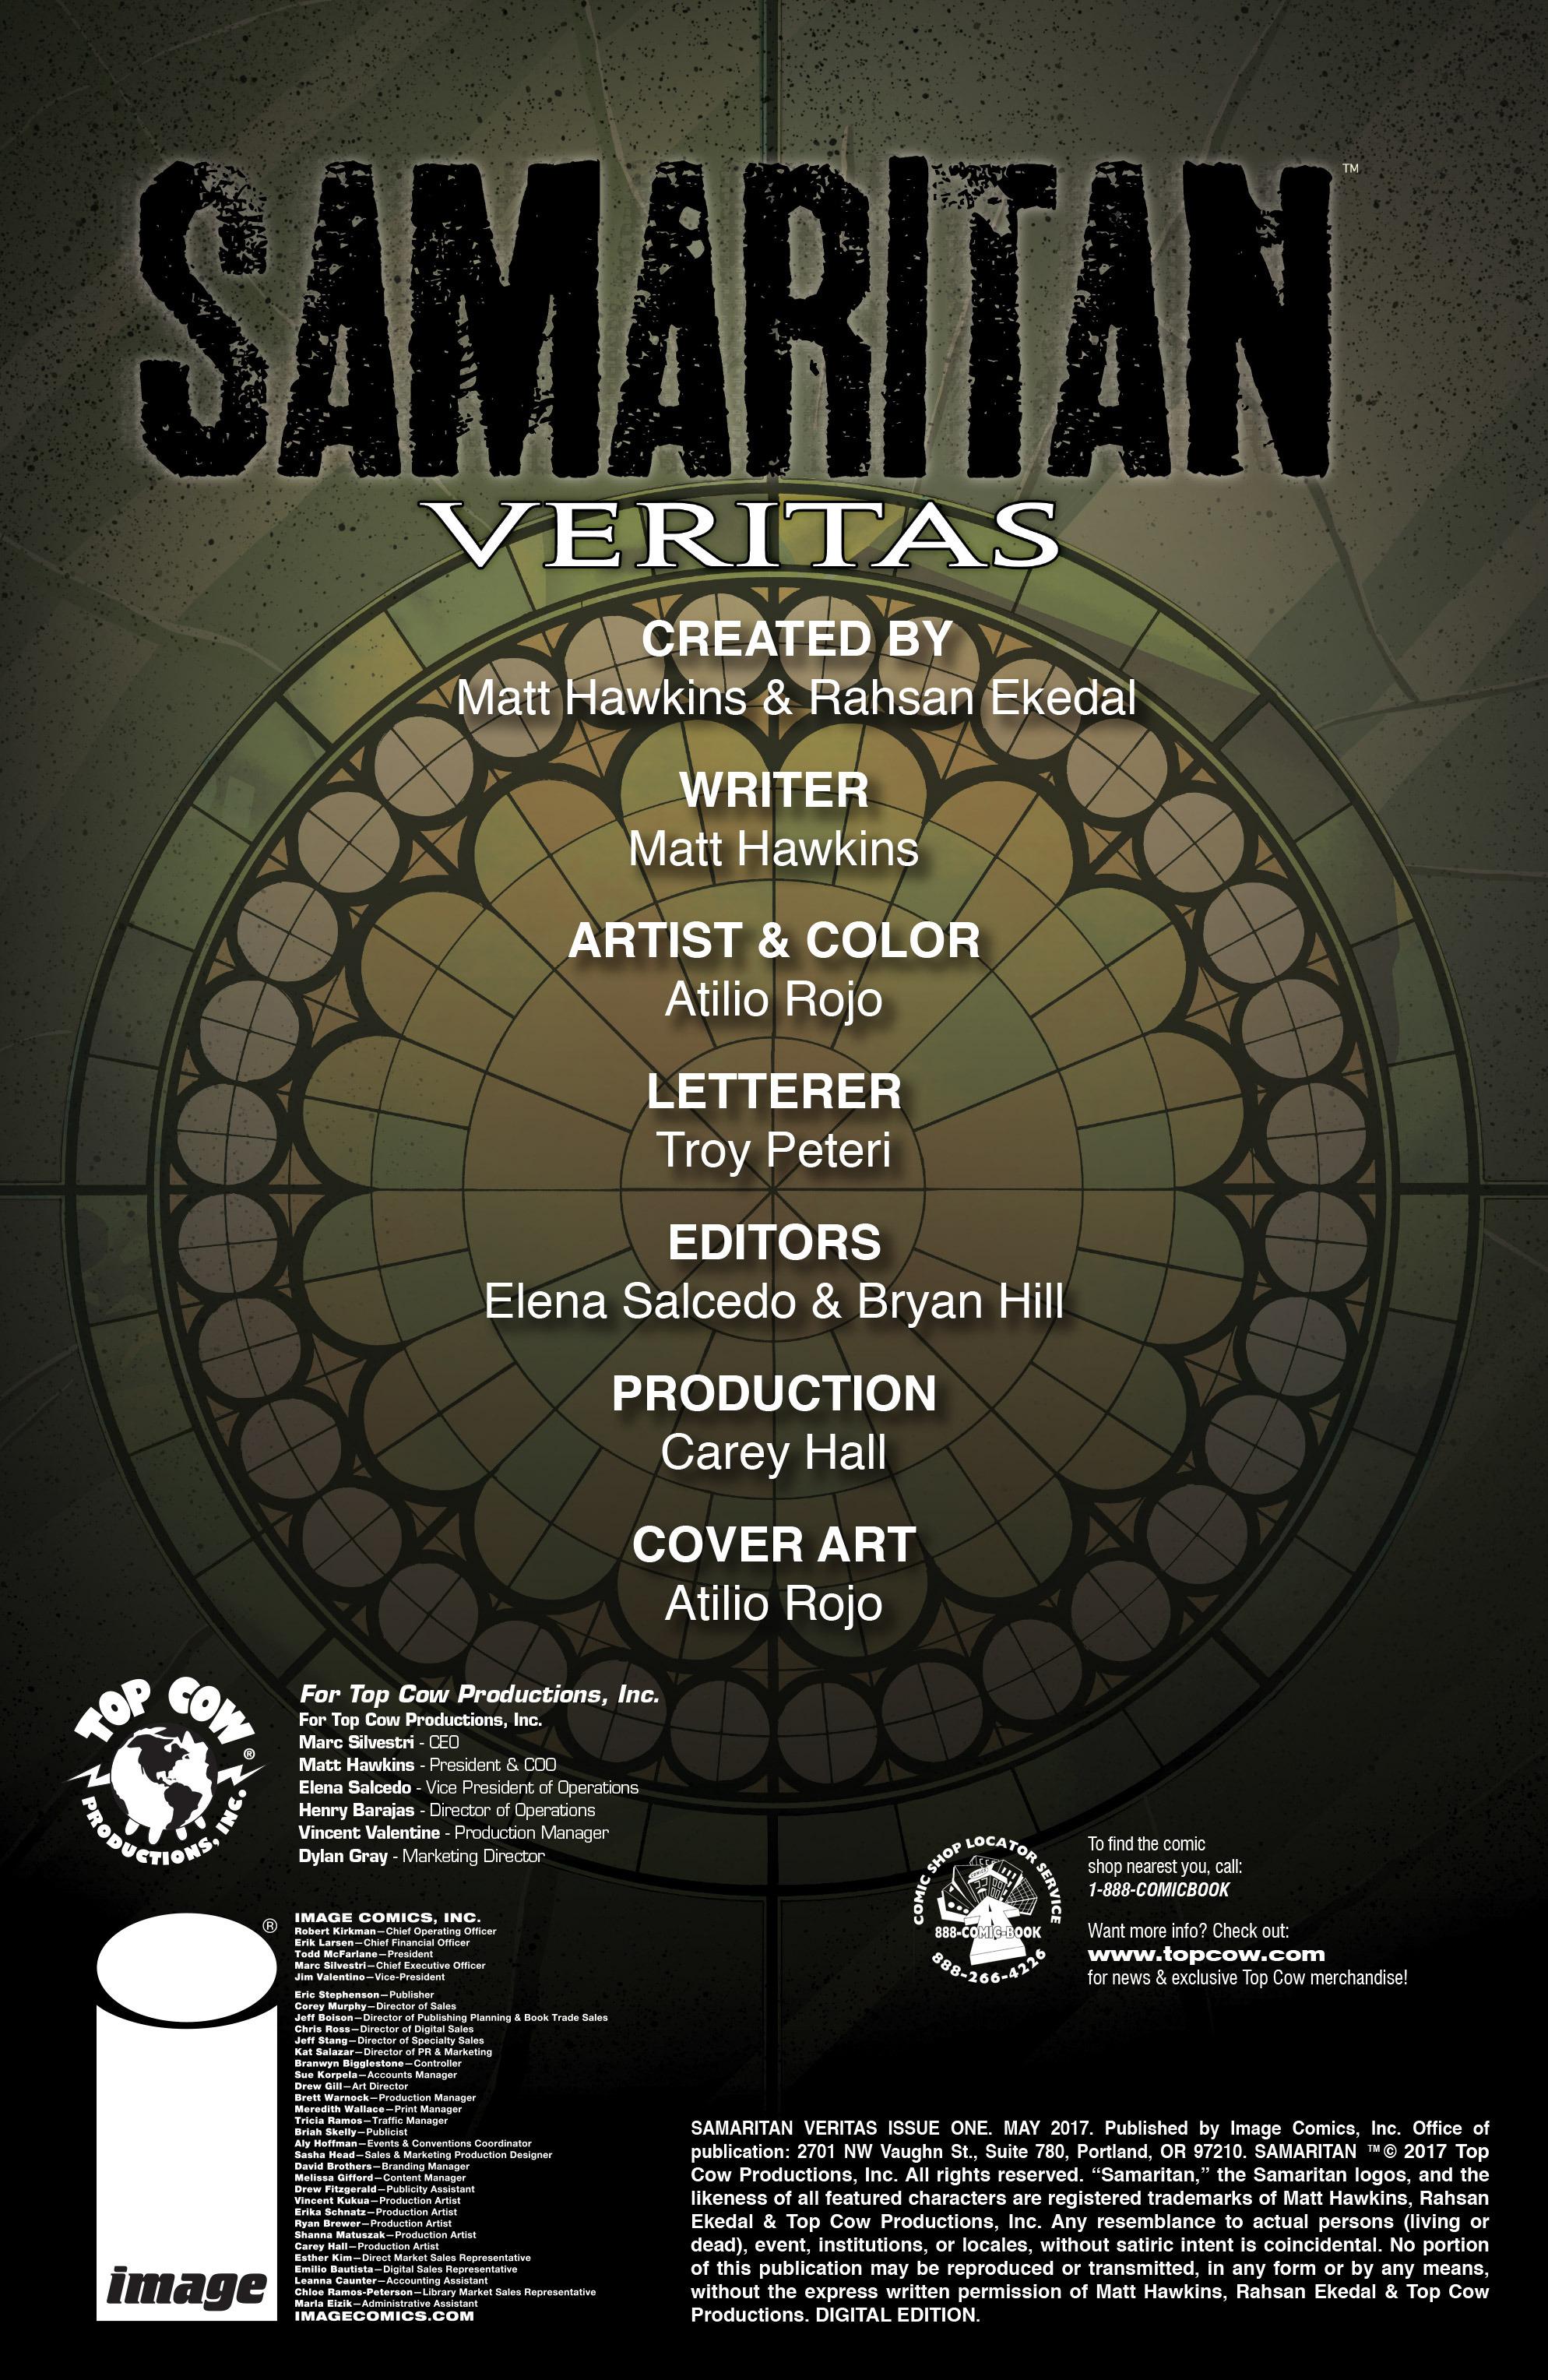 Read online Samaritan: Vertias comic -  Issue #1 - 2